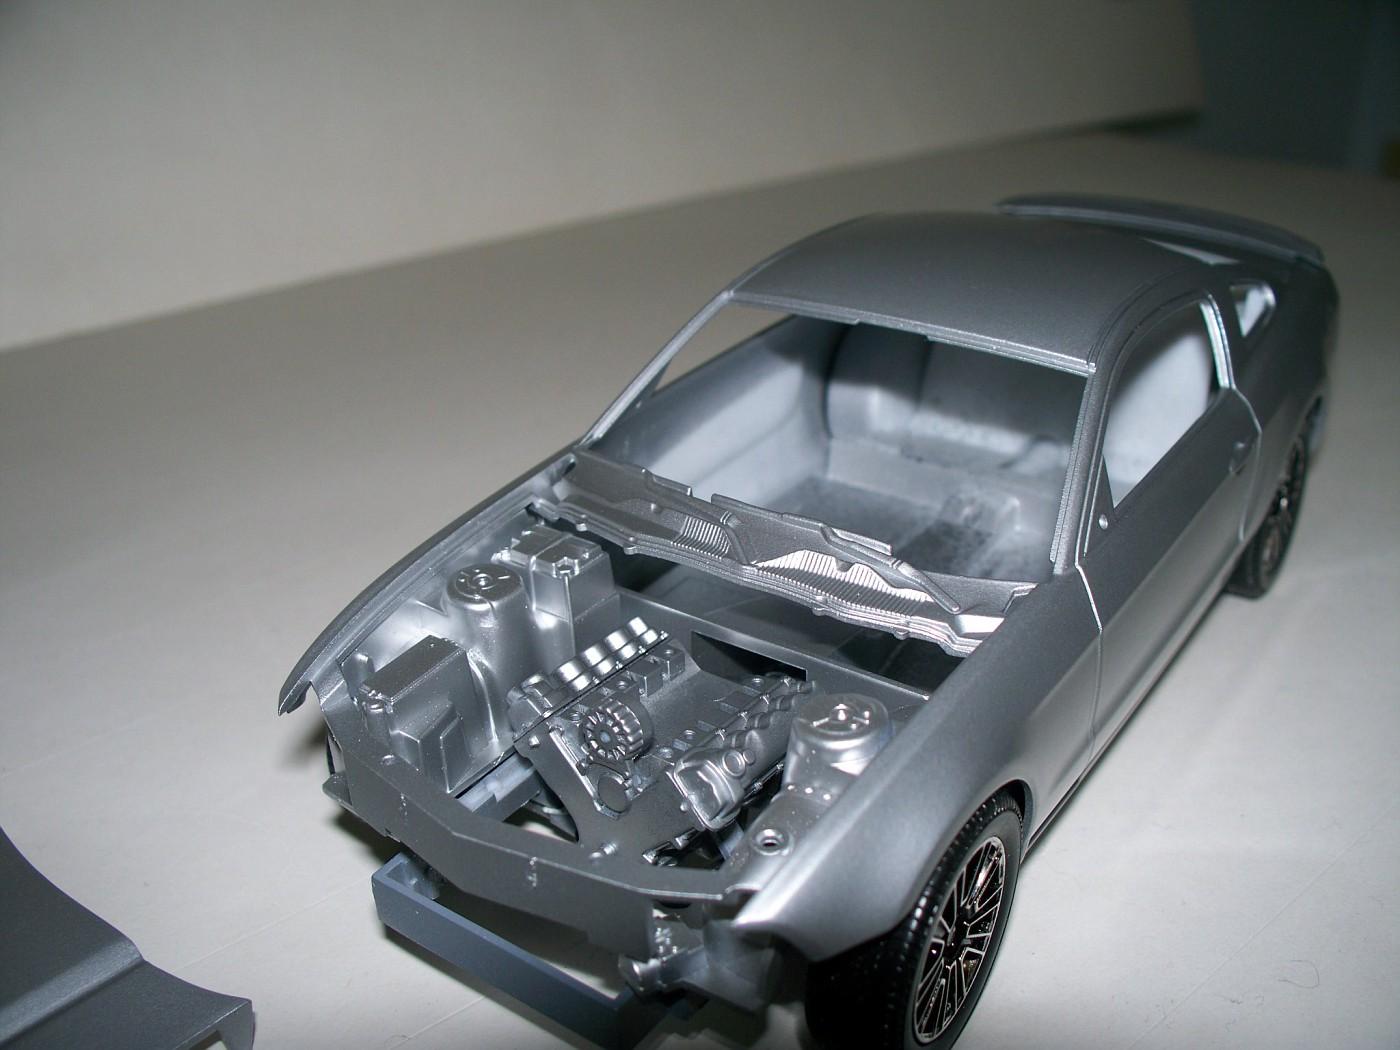 2010 Mustang GT 2010MustangJanvier042012021-vi